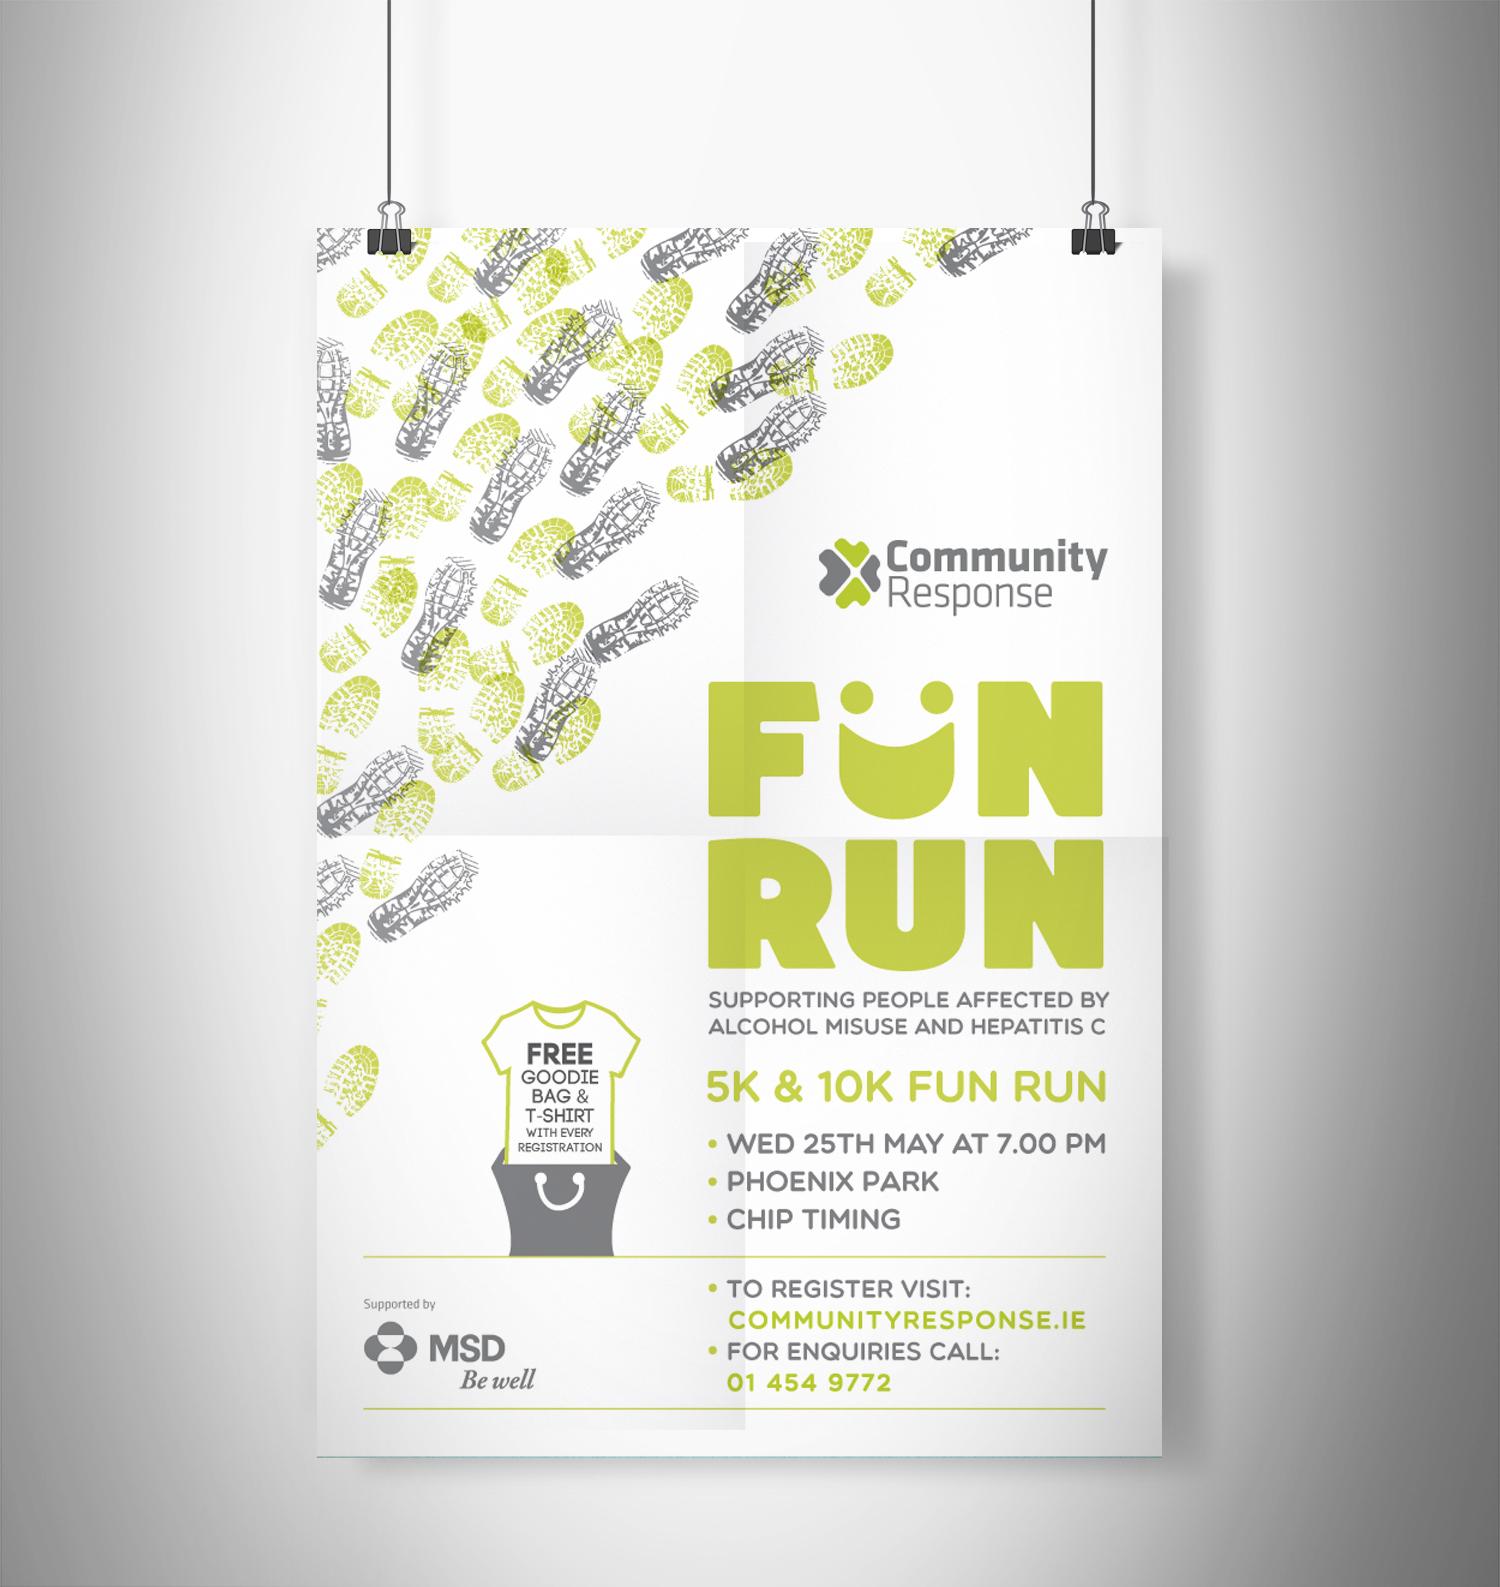 CR_Fun_Run_04